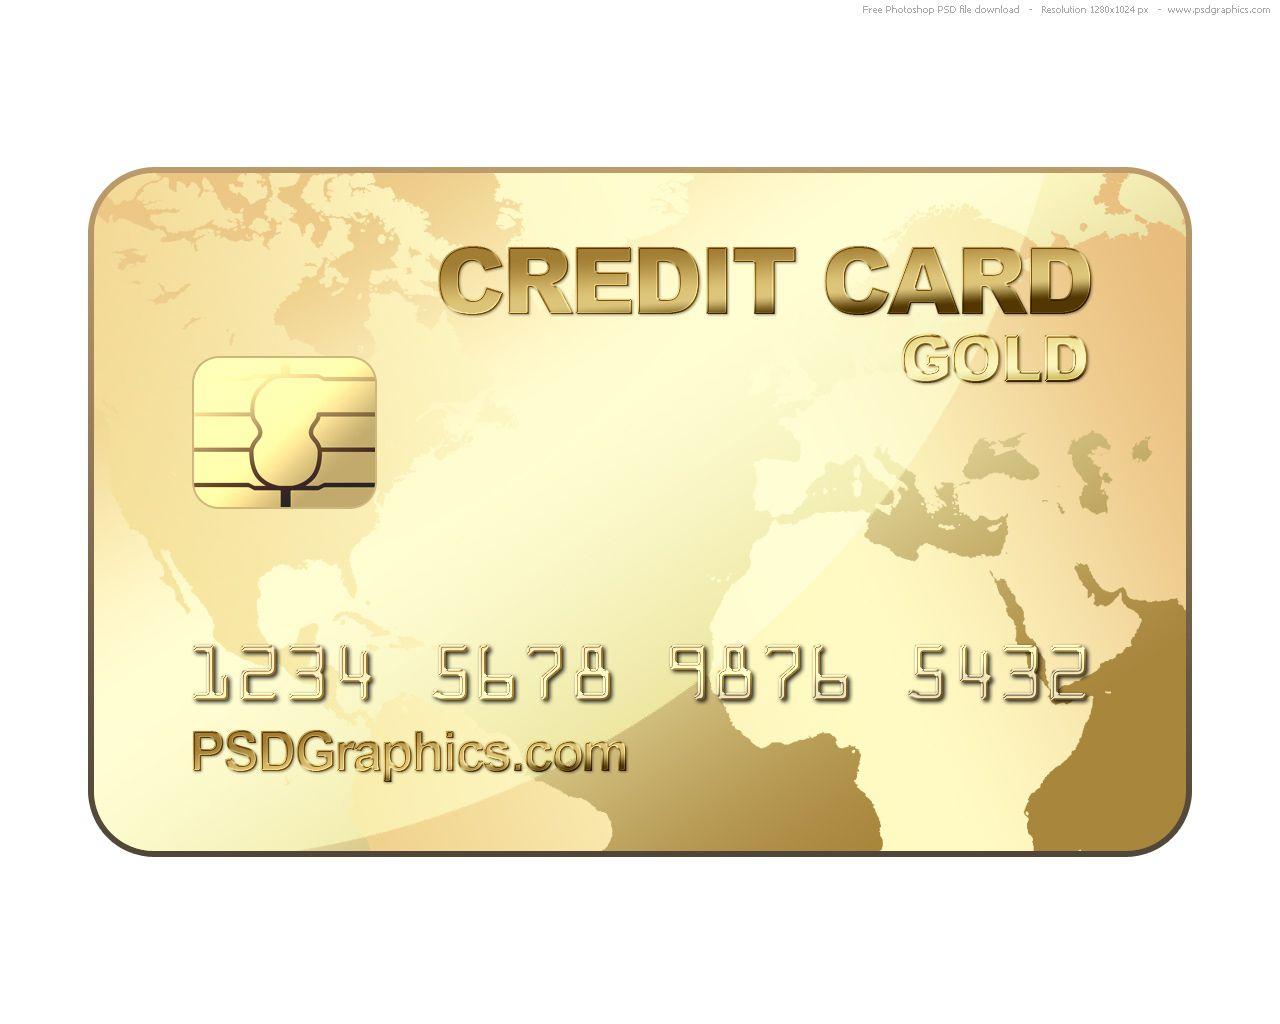 Printable Credit Cards Ud23 Advancedmassagebysara For Credit Card Template For Kids Cumed Org Gold Credit Card Credit Card Kids Credit Card